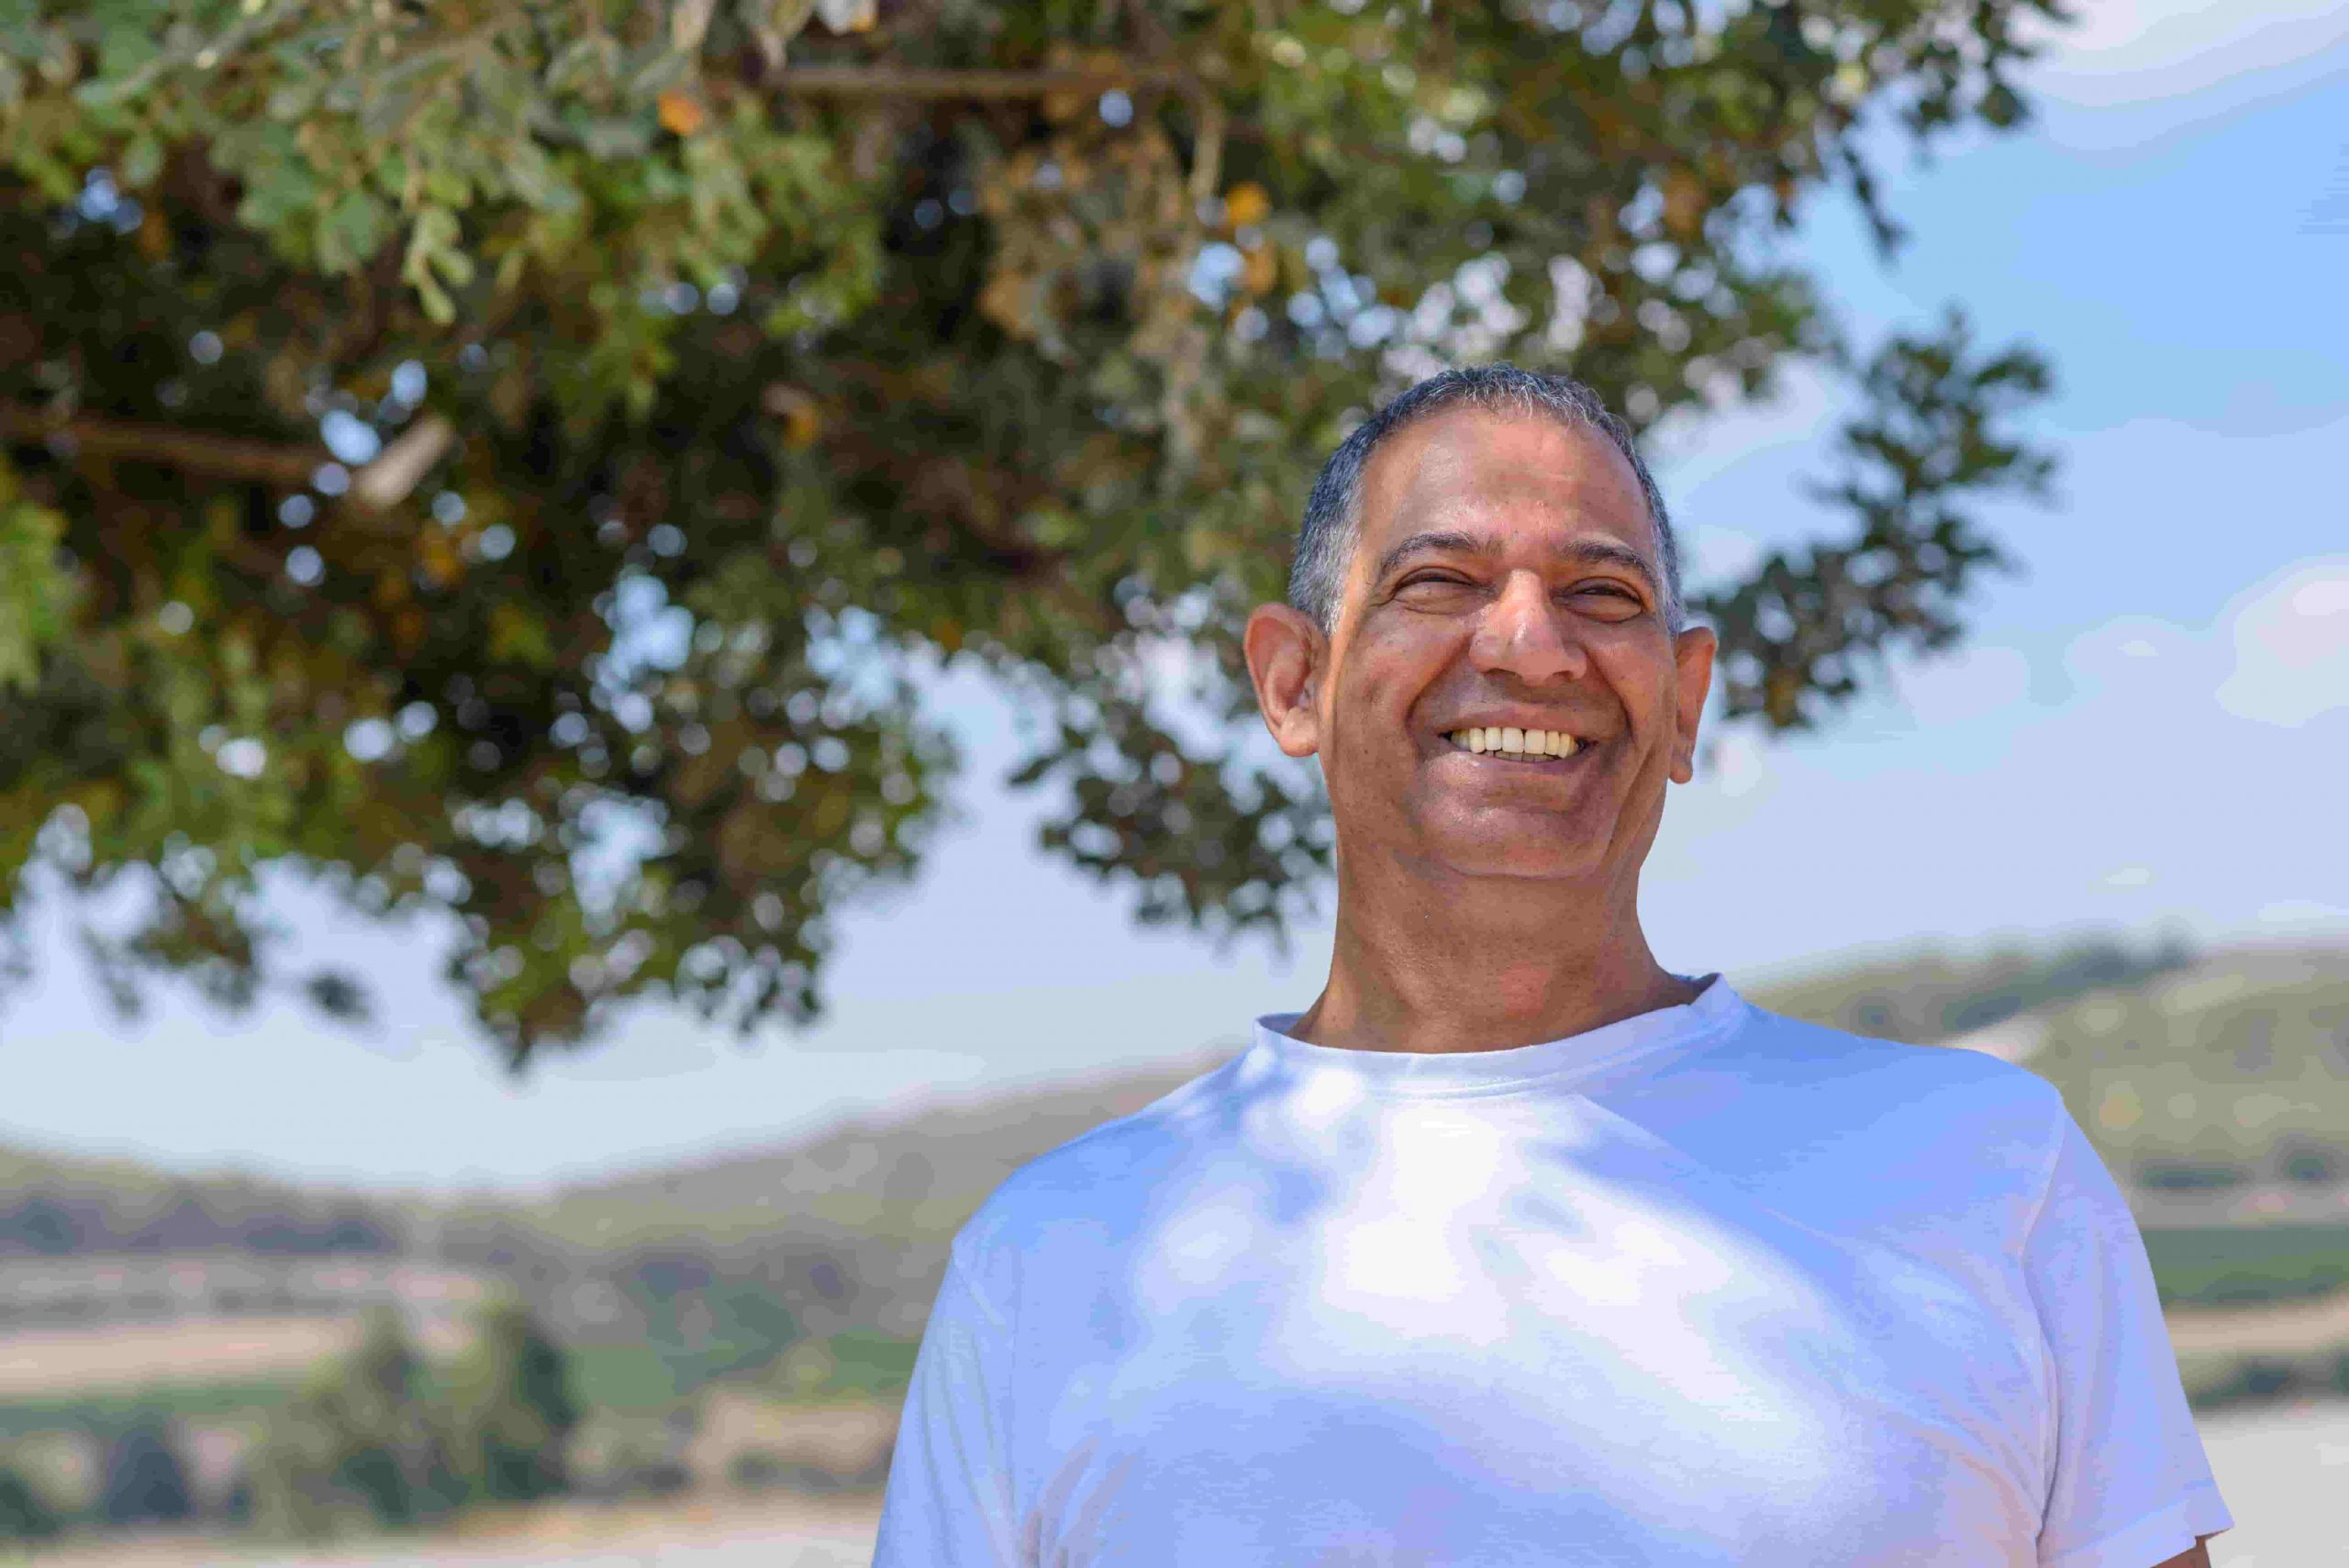 שמואל לביא (45), גן-יבנה: